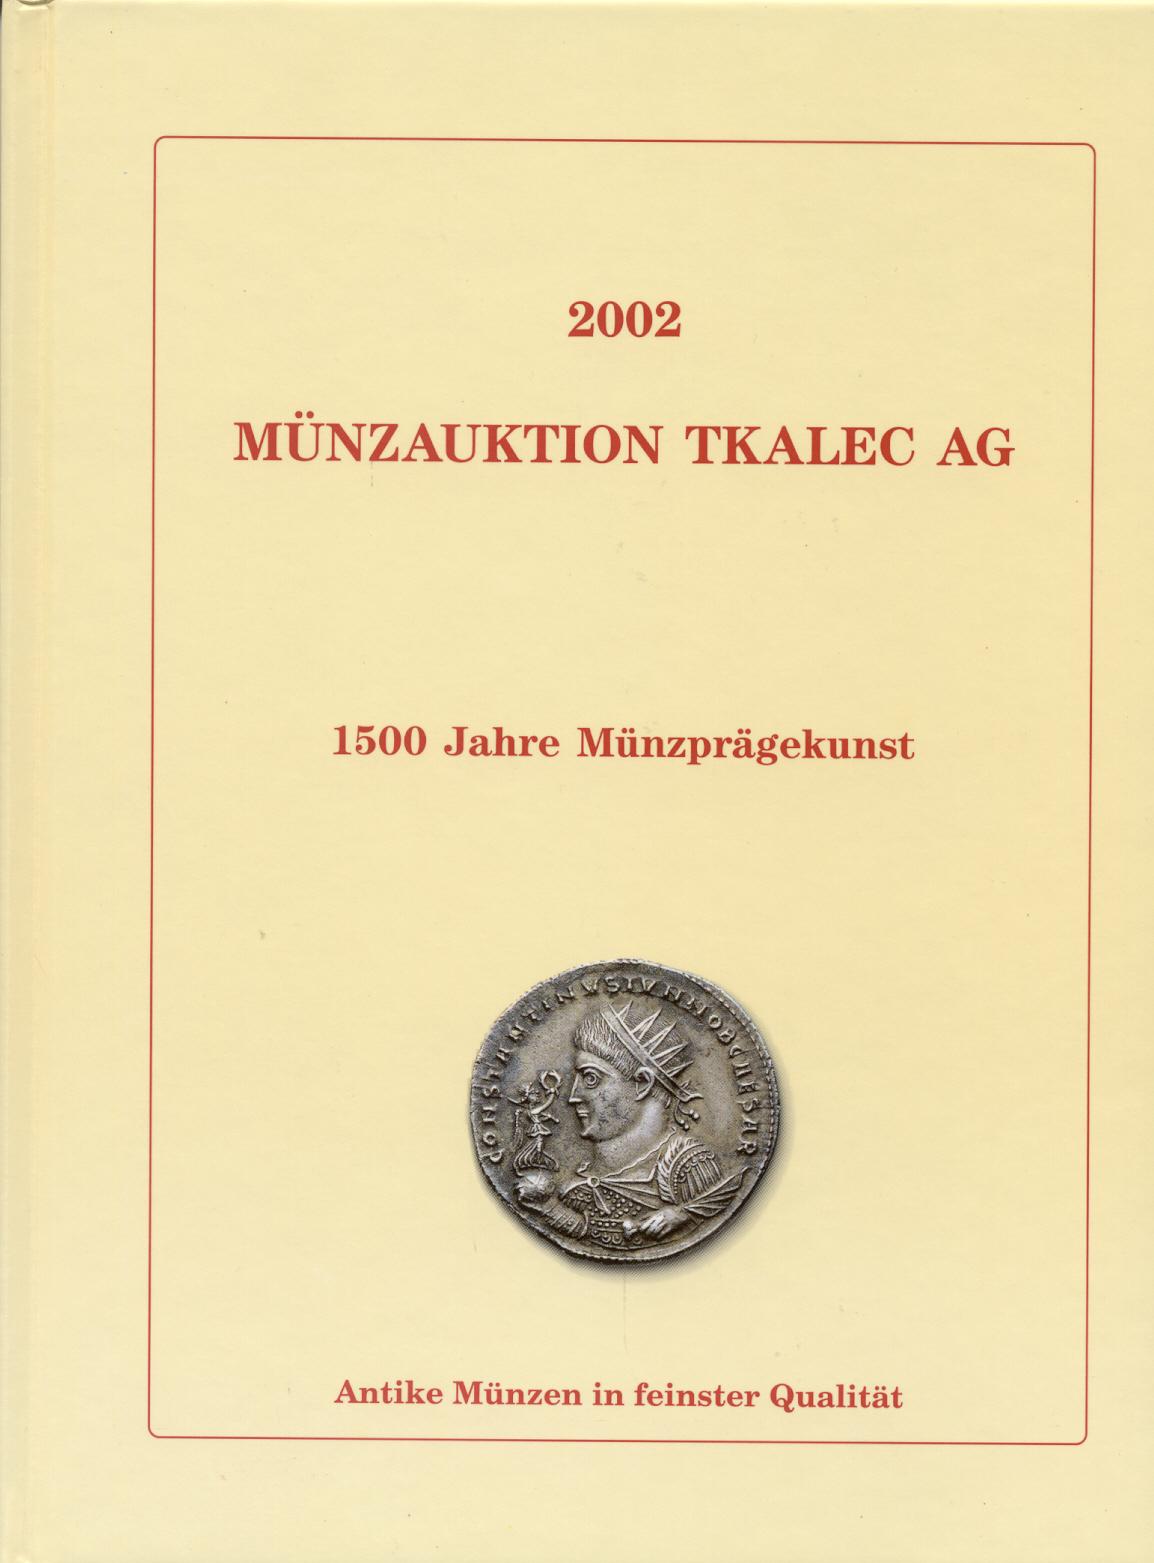 2002 AUCTION CATALOGUES - MÜNZAUKTION TKALEC - KATALOG 2002 MÜNZEN DER ANTIKE Druckfrisch